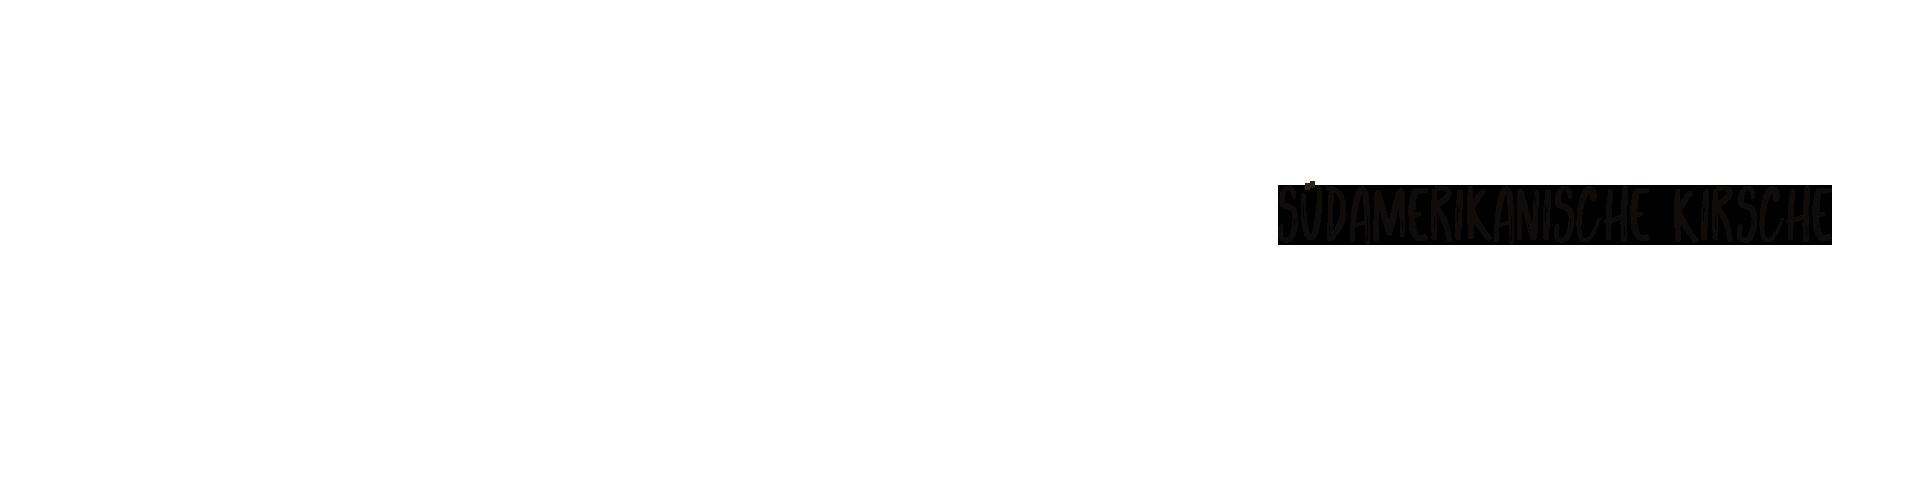 wpg-85-suedamerikanischekirsche-6.png